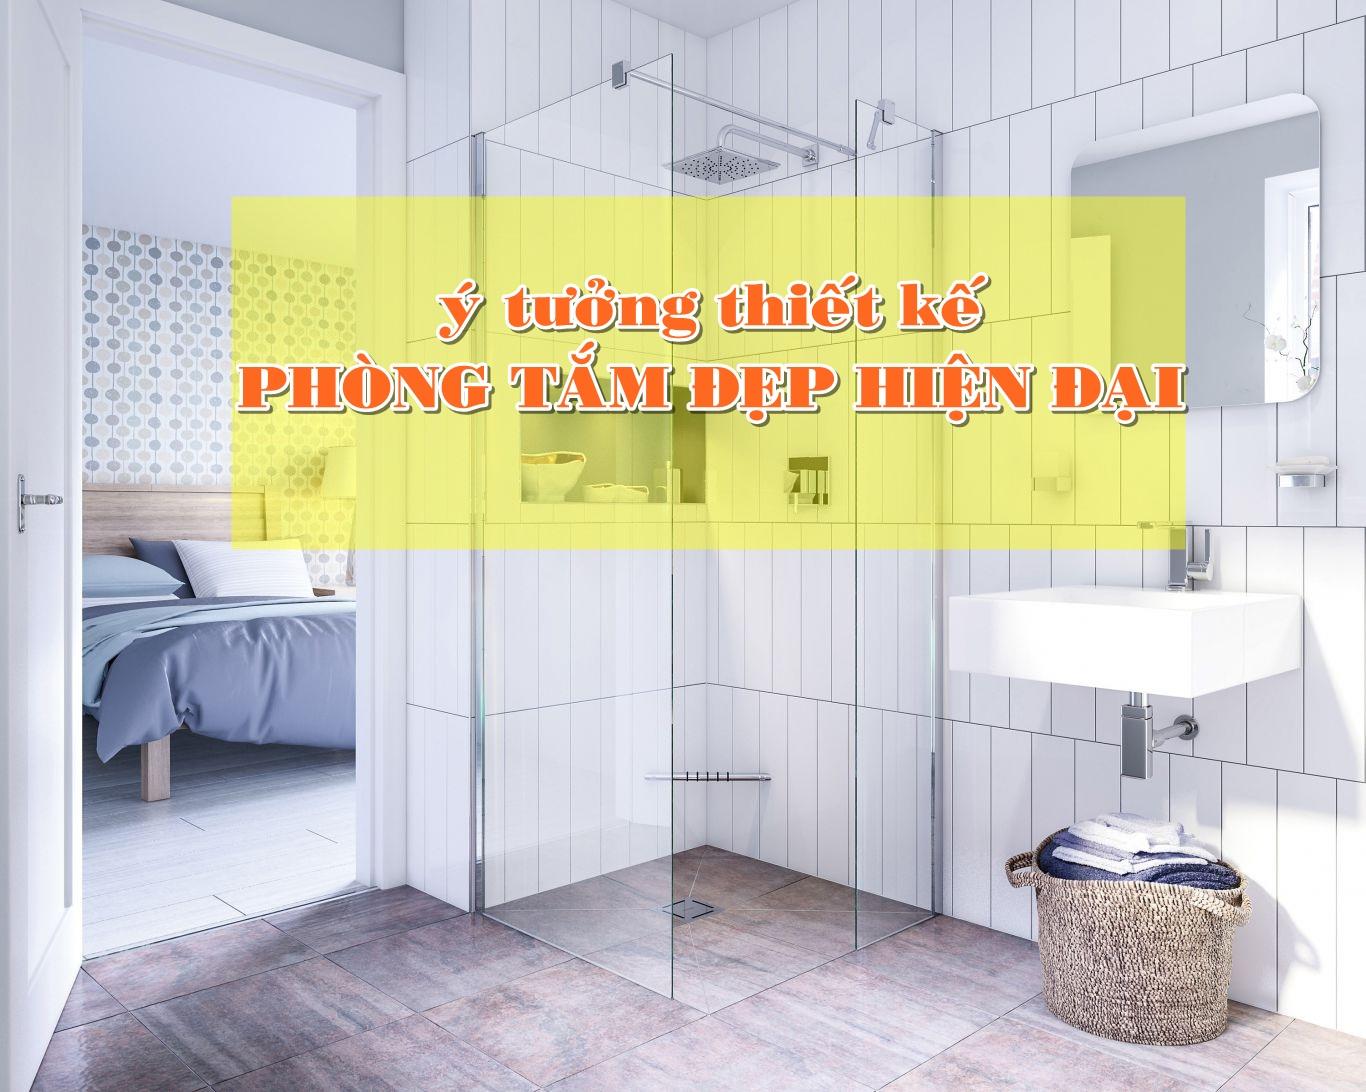 10 Ý Tưởng Sáng Tạo Thiết Kế Phòng Tắm Đẹp Hiện Đại Đậm Chất Riêng